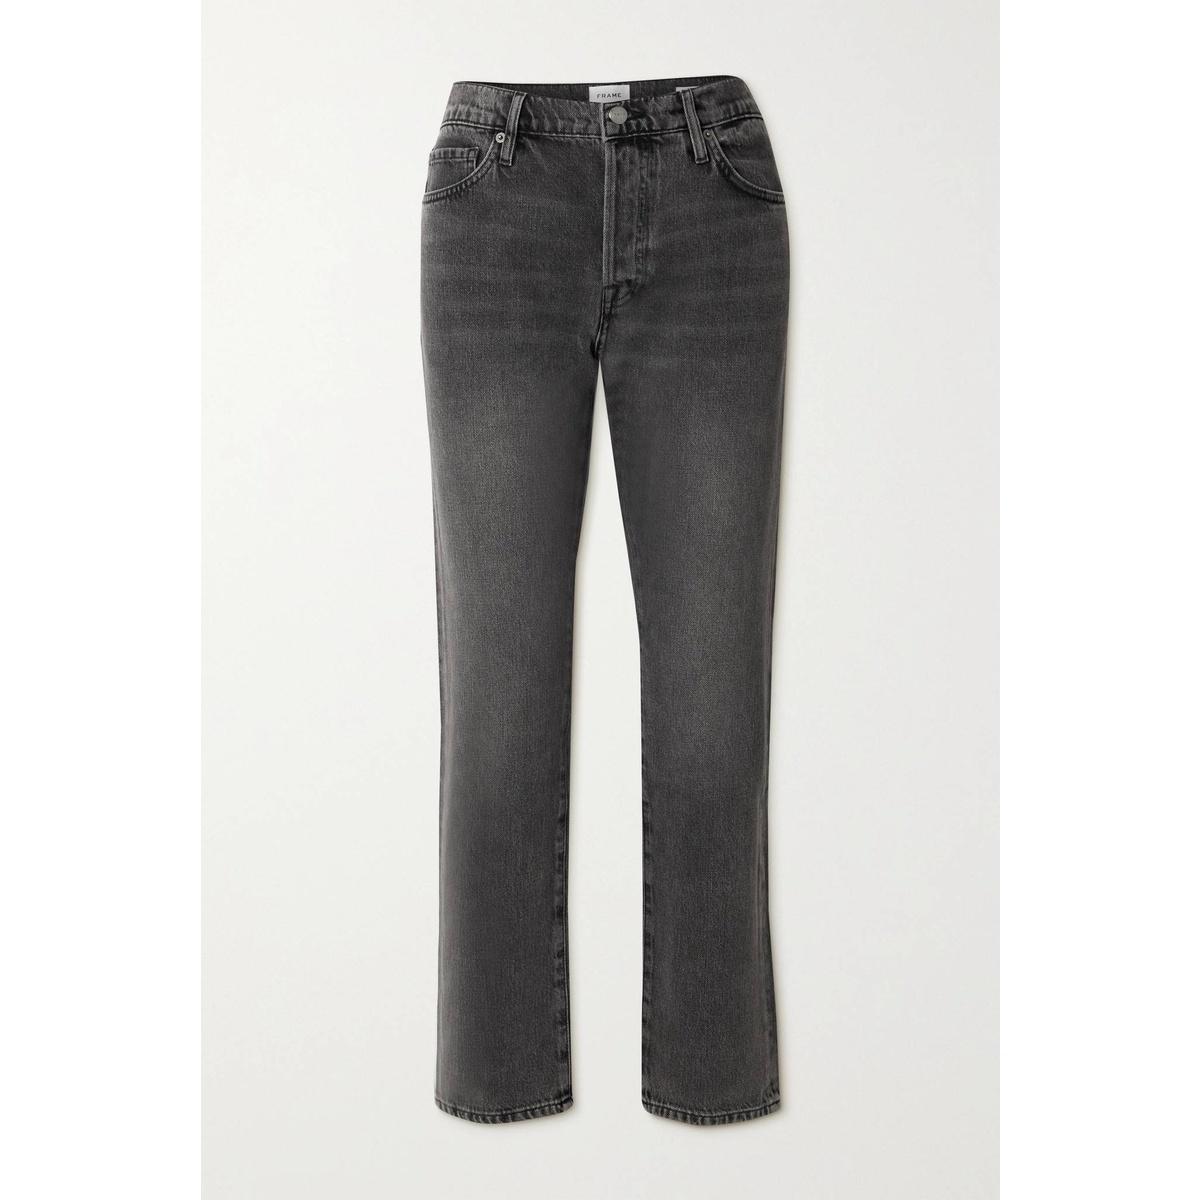 包税代购Frame Denim Le Slouch 低腰直筒牛仔裤女2021新款奢侈品